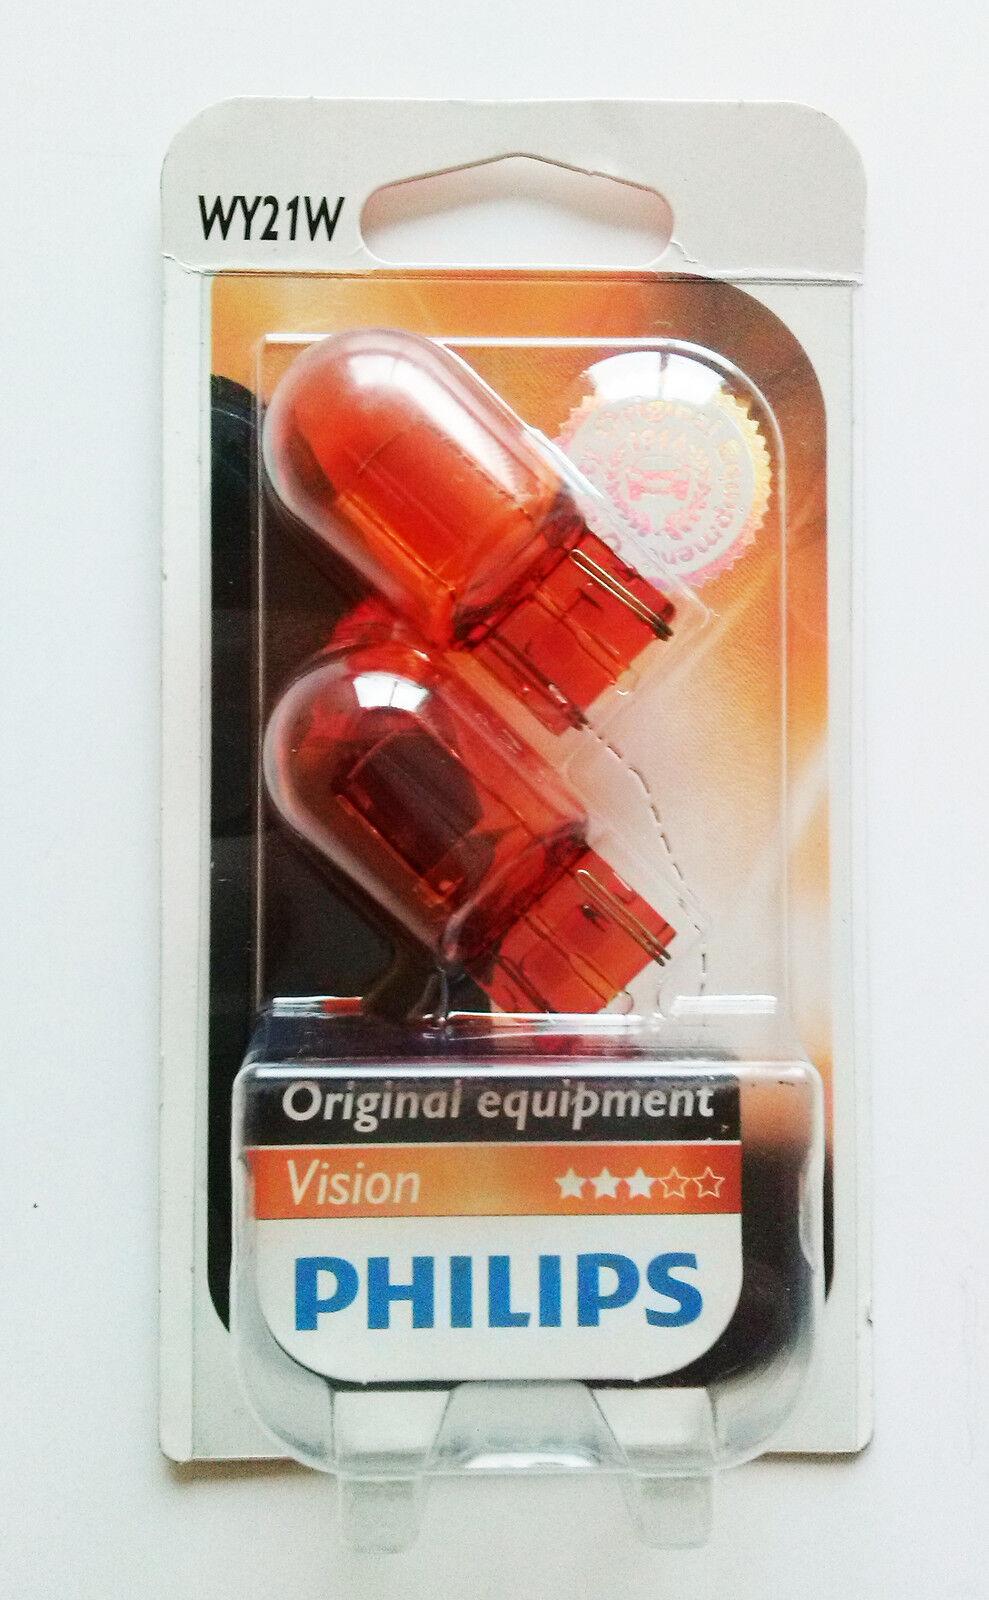 Vision Plus 10 Staubsaugerbeutel für PHILIPS Vision HR 8700-8899